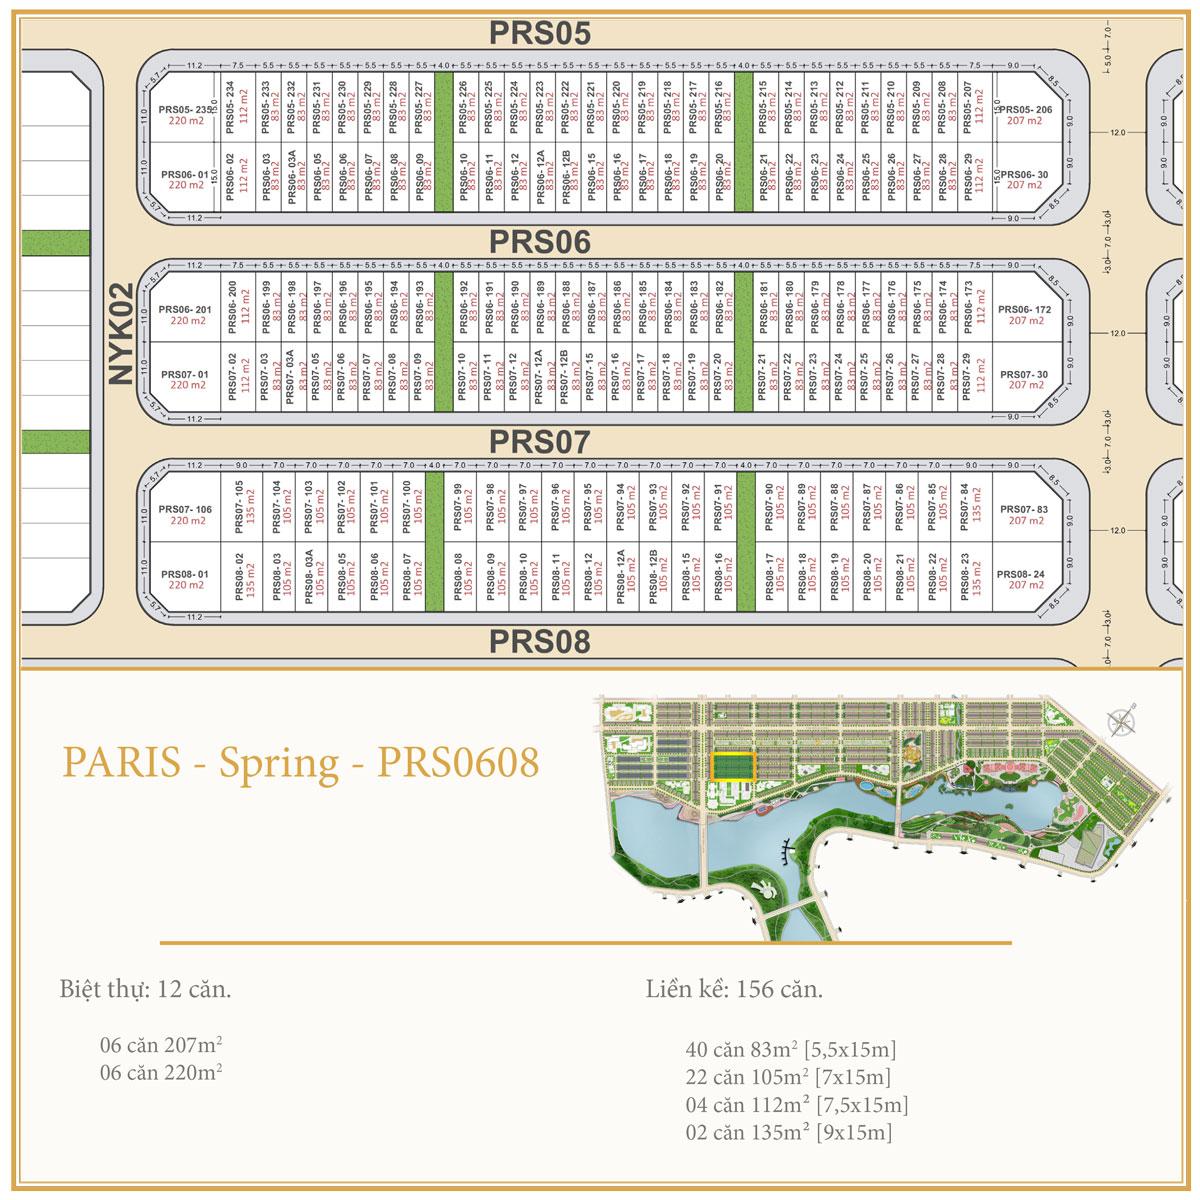 Dự án Royal Star Lake Mặt bằng PARIS SPRING PRS0608